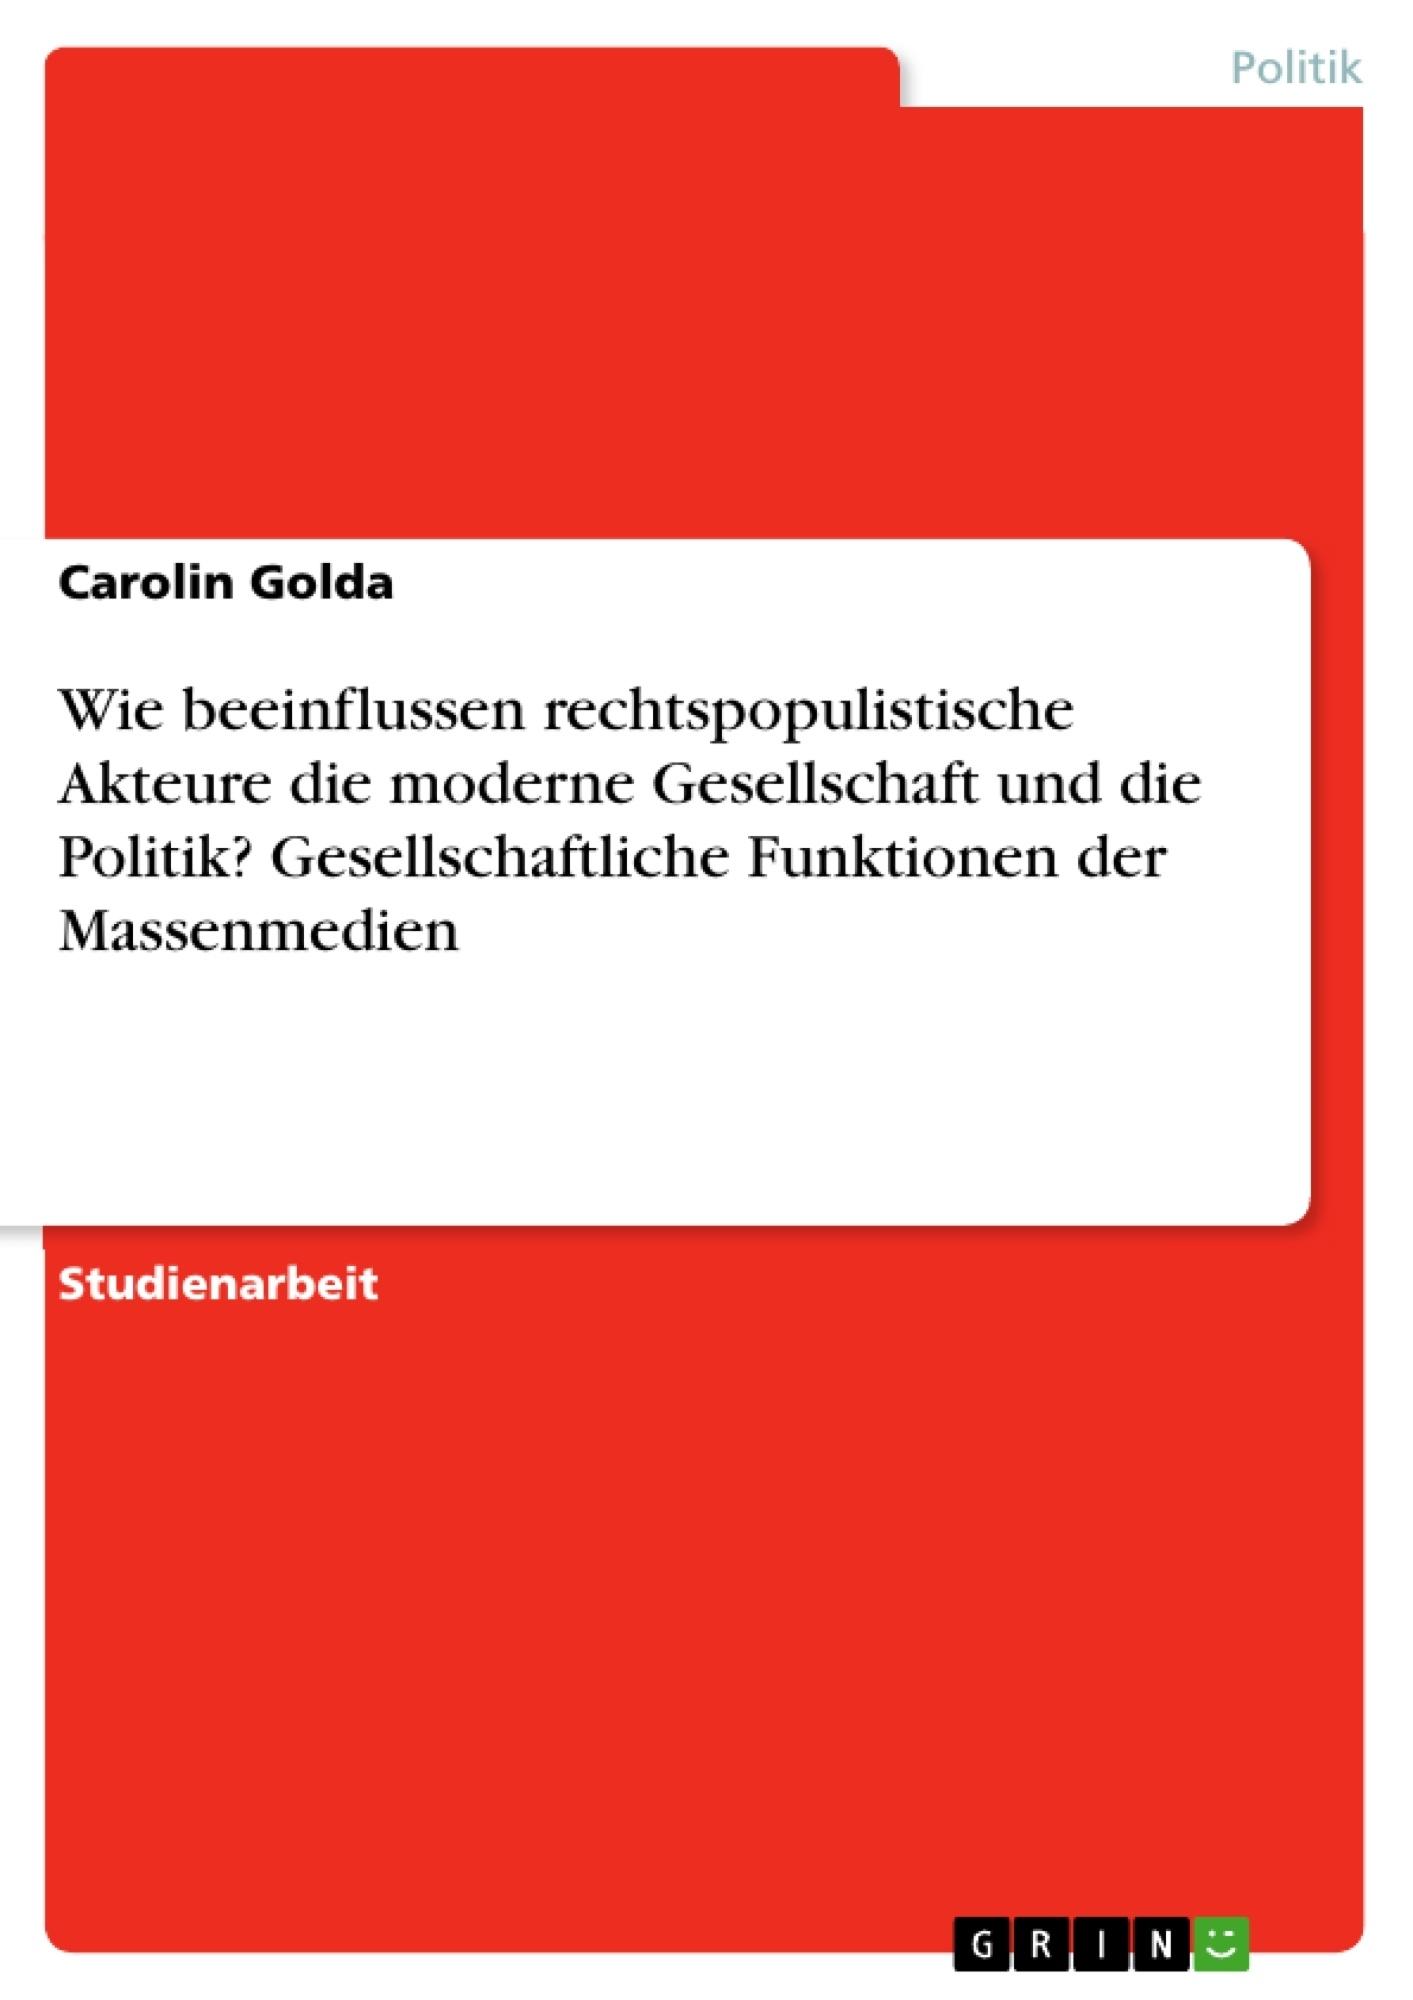 Titel: Wie beeinflussen rechtspopulistische Akteure die moderne Gesellschaft und die Politik? Gesellschaftliche Funktionen der Massenmedien